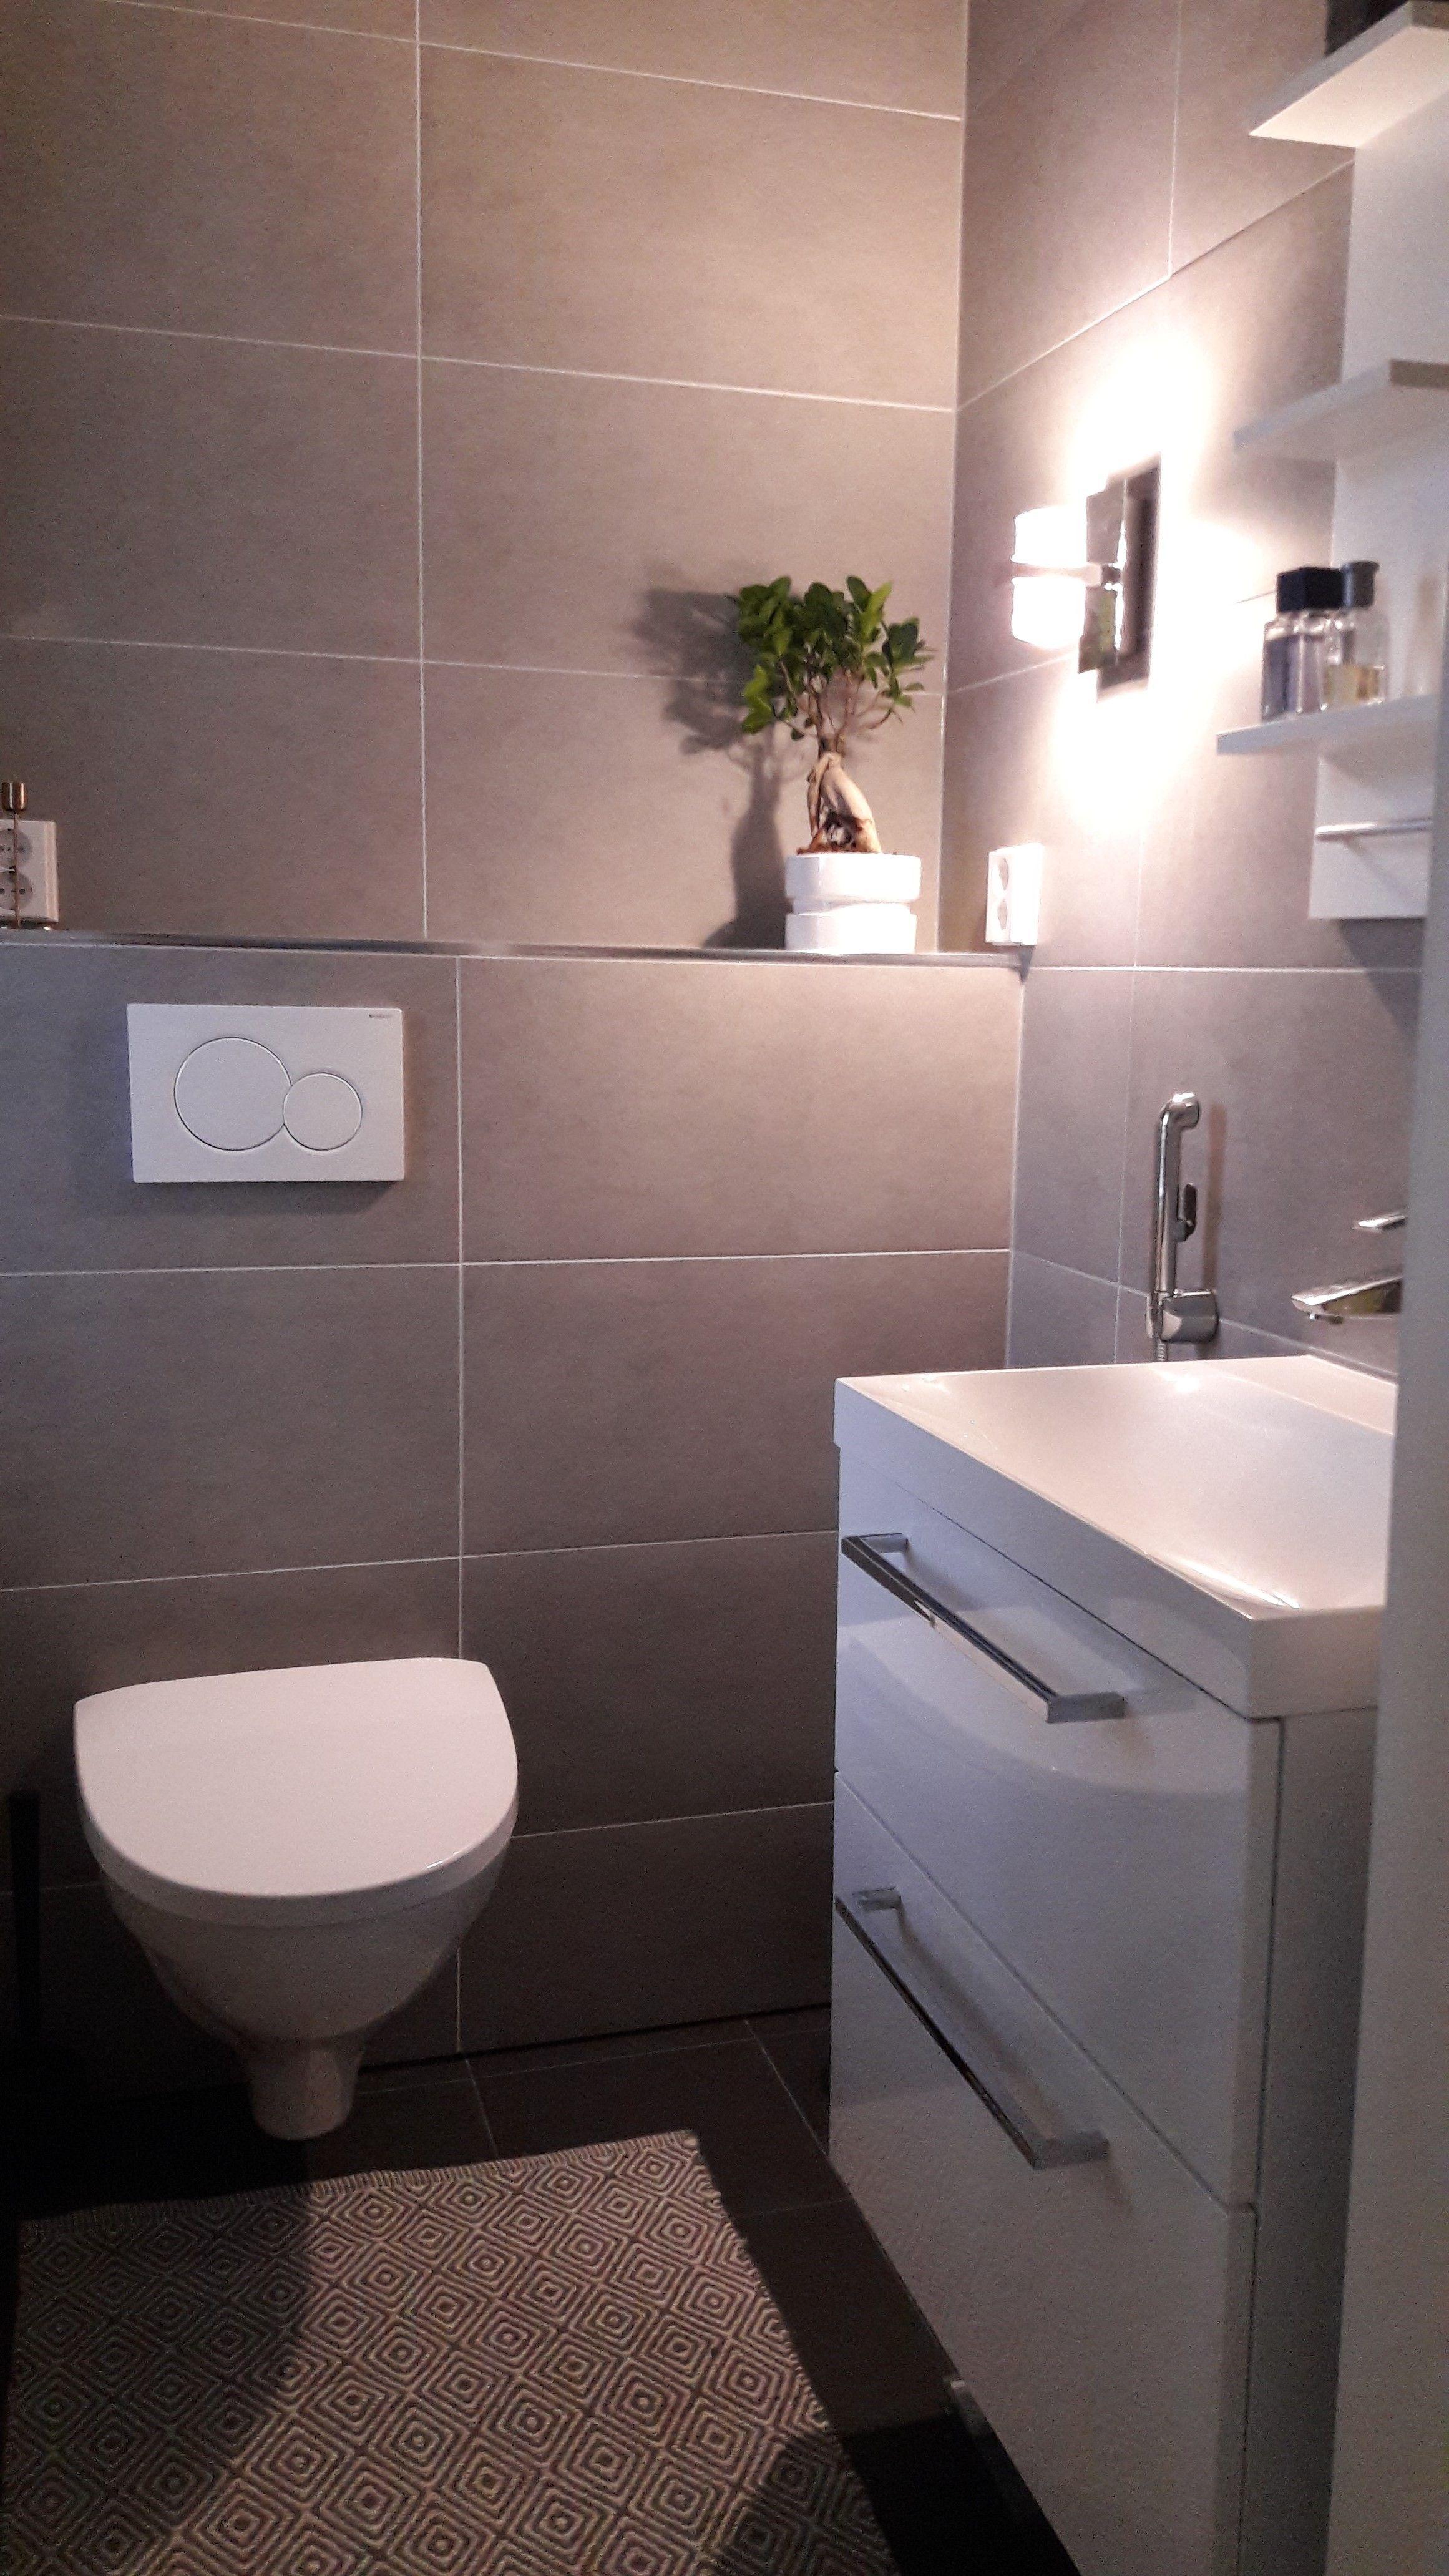 Ido-seinäwc/Bathroom/Toilet/Wc/Harmaa laatoitus/Marimekko ...